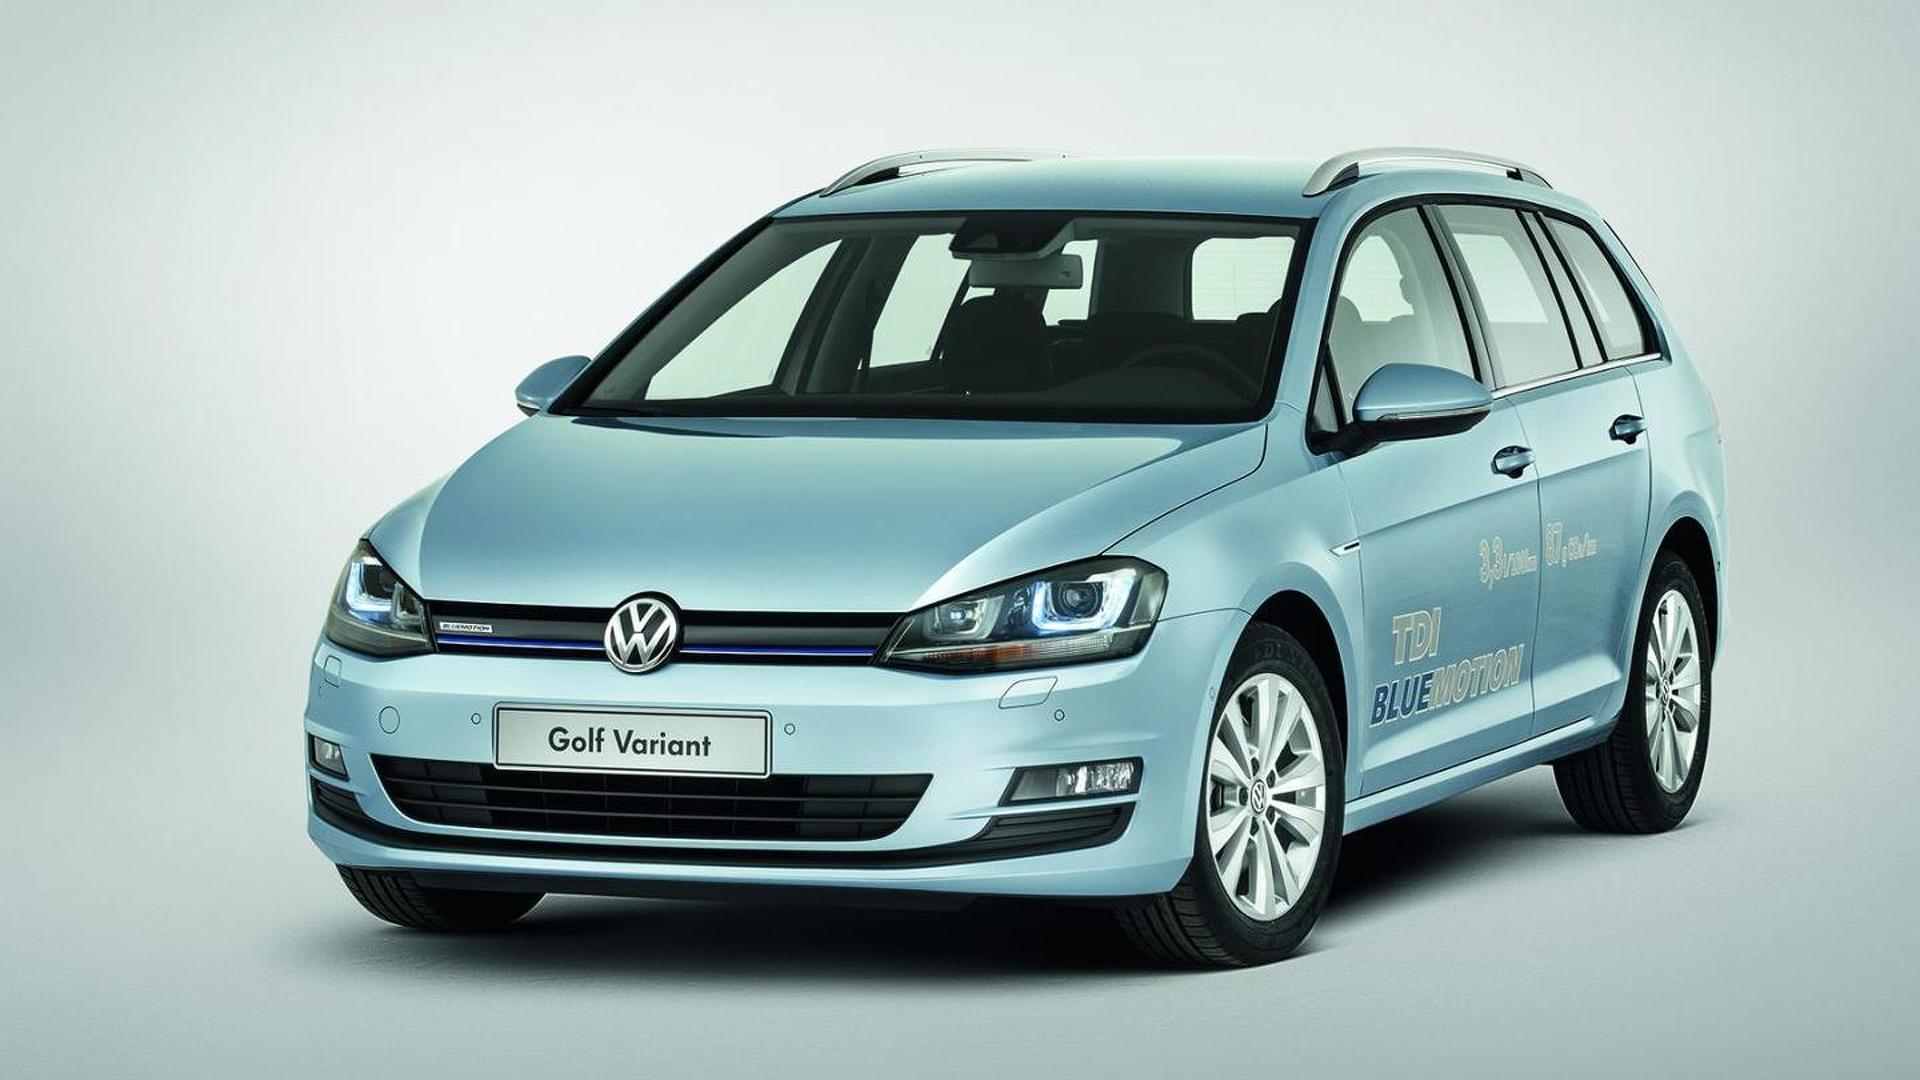 Vw Golf 7 Variant >> Volkswagen Golf Vii Variant Priced From 18 950 Eur De